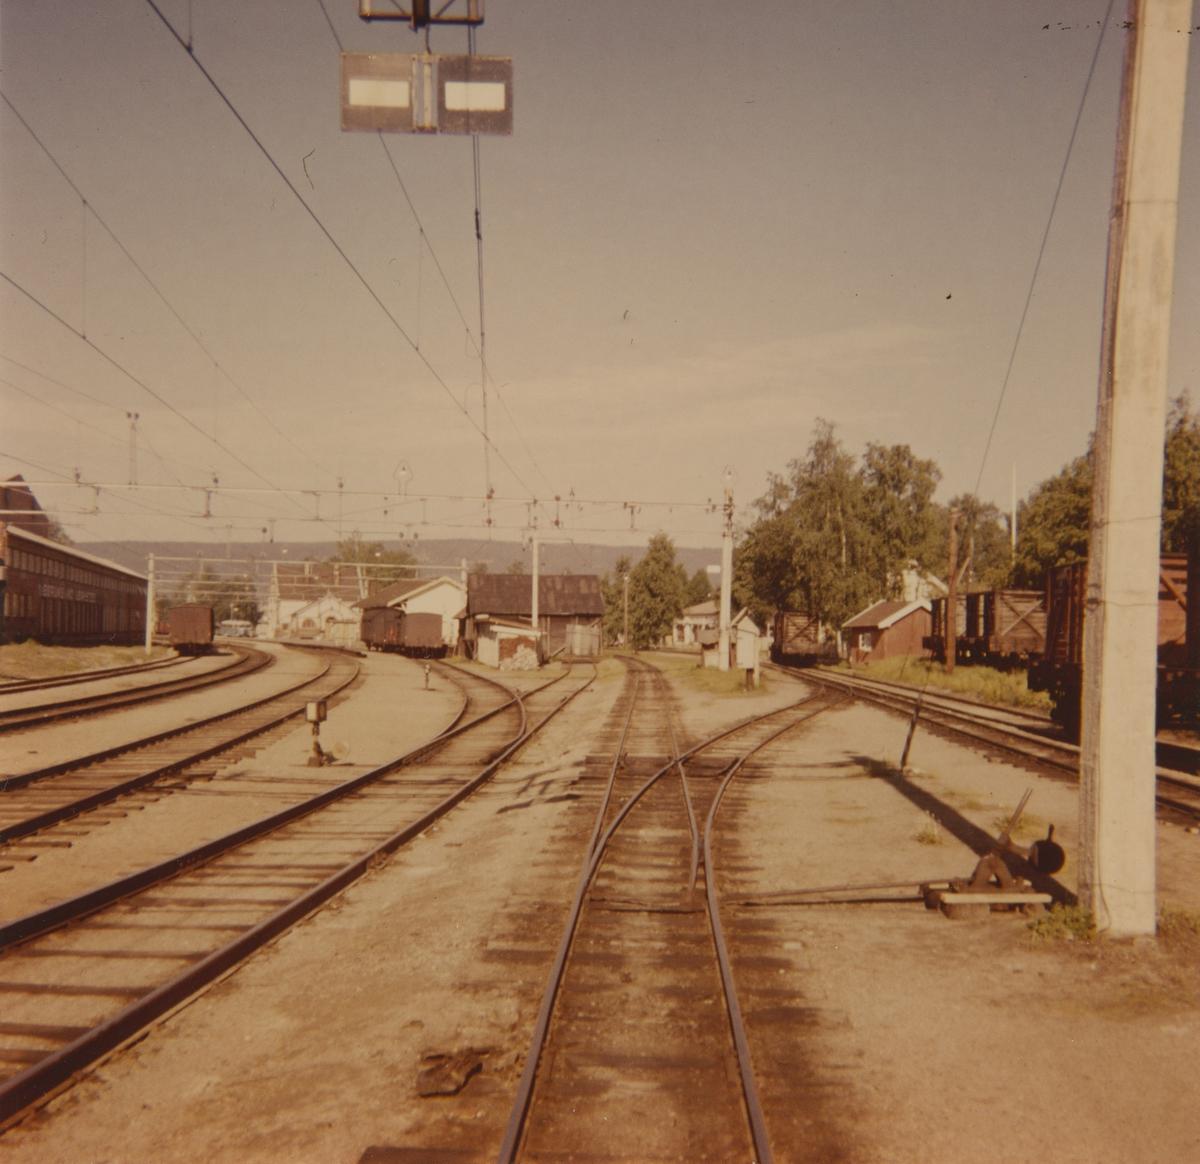 Omlastingsområdet på Sørumsand stasjon med diverse normalsporet og smalsporet godsvognmateriell.